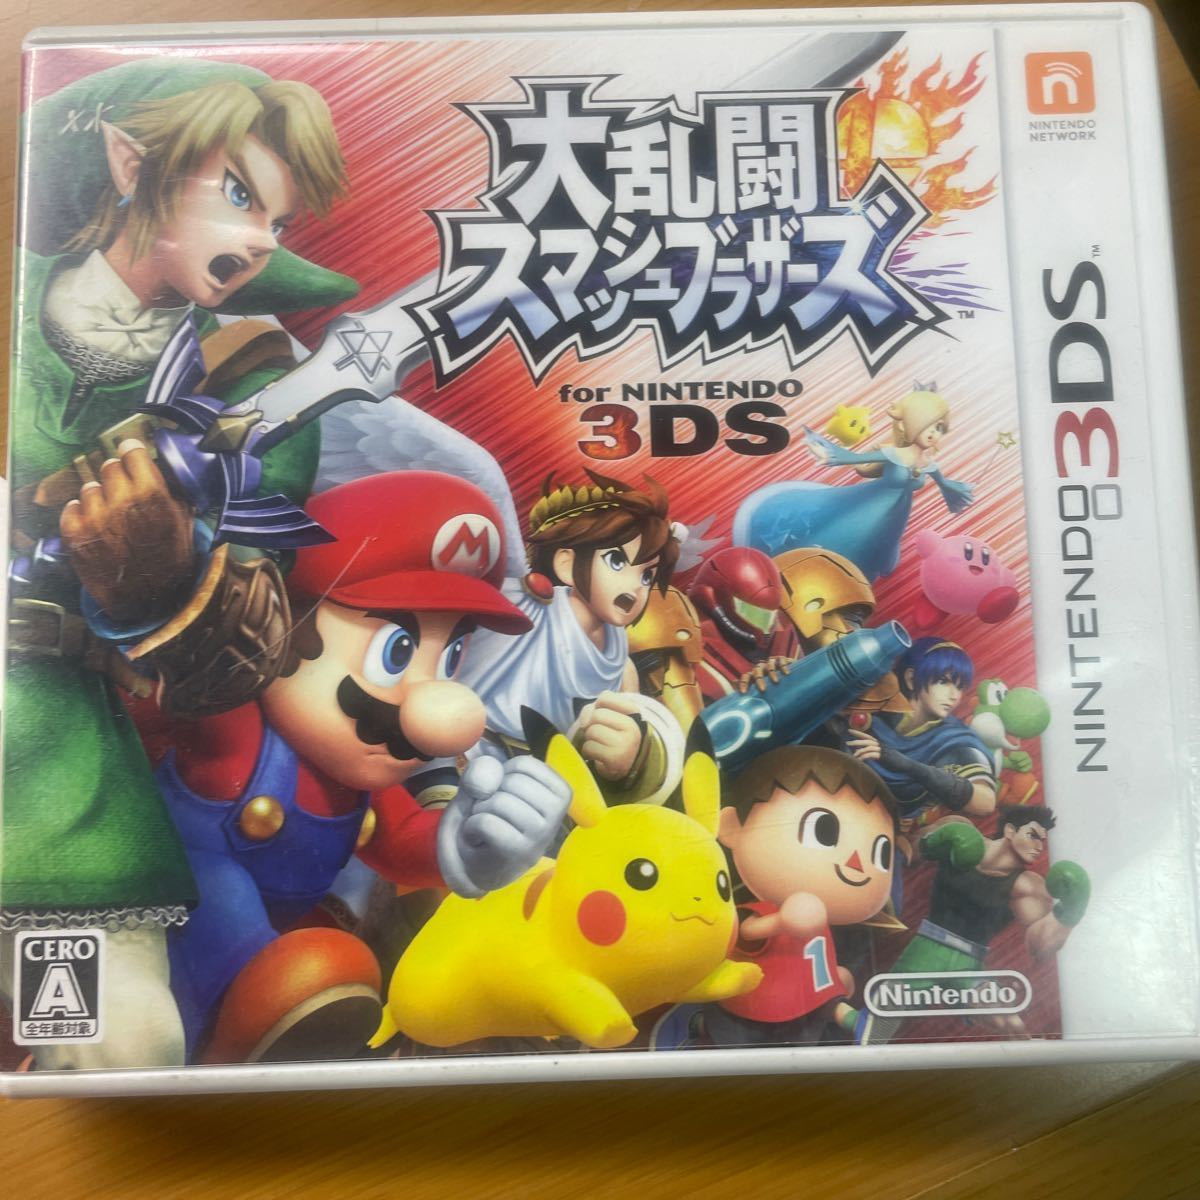 大乱闘スマッシュブラザーズ 3DS ニンテンドー3DS for Nintendo 3DS 大乱闘スマッシュブラザーズ3DS